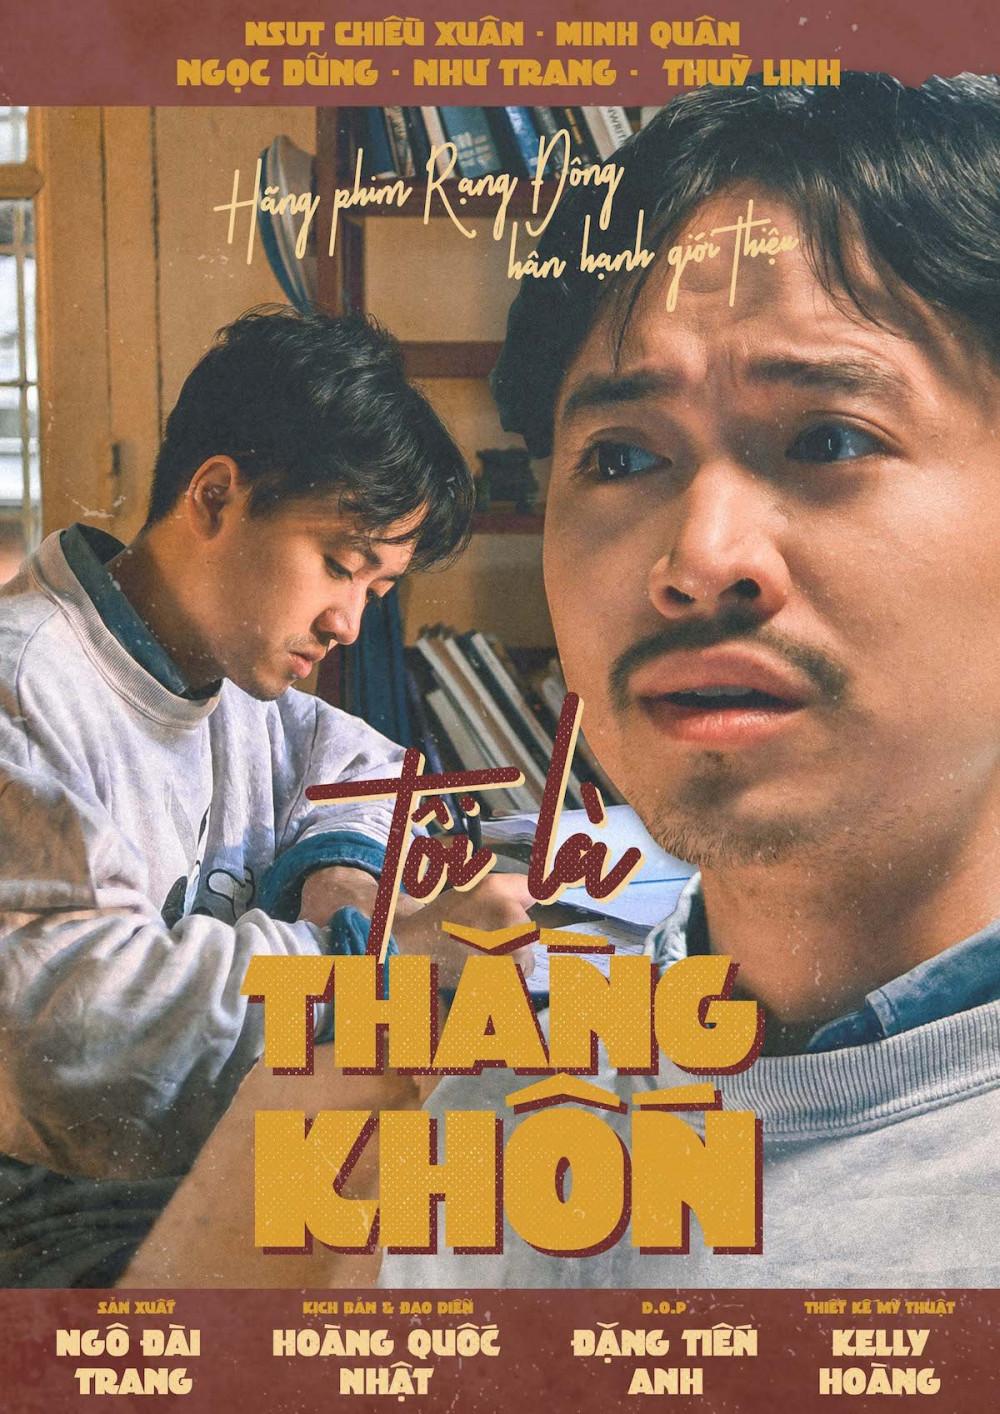 """Phim ngắn """"Tôi là thằng khốn"""" của đạo diễn Nguyễn Hoàng Nhật được phát hành miễn phí"""